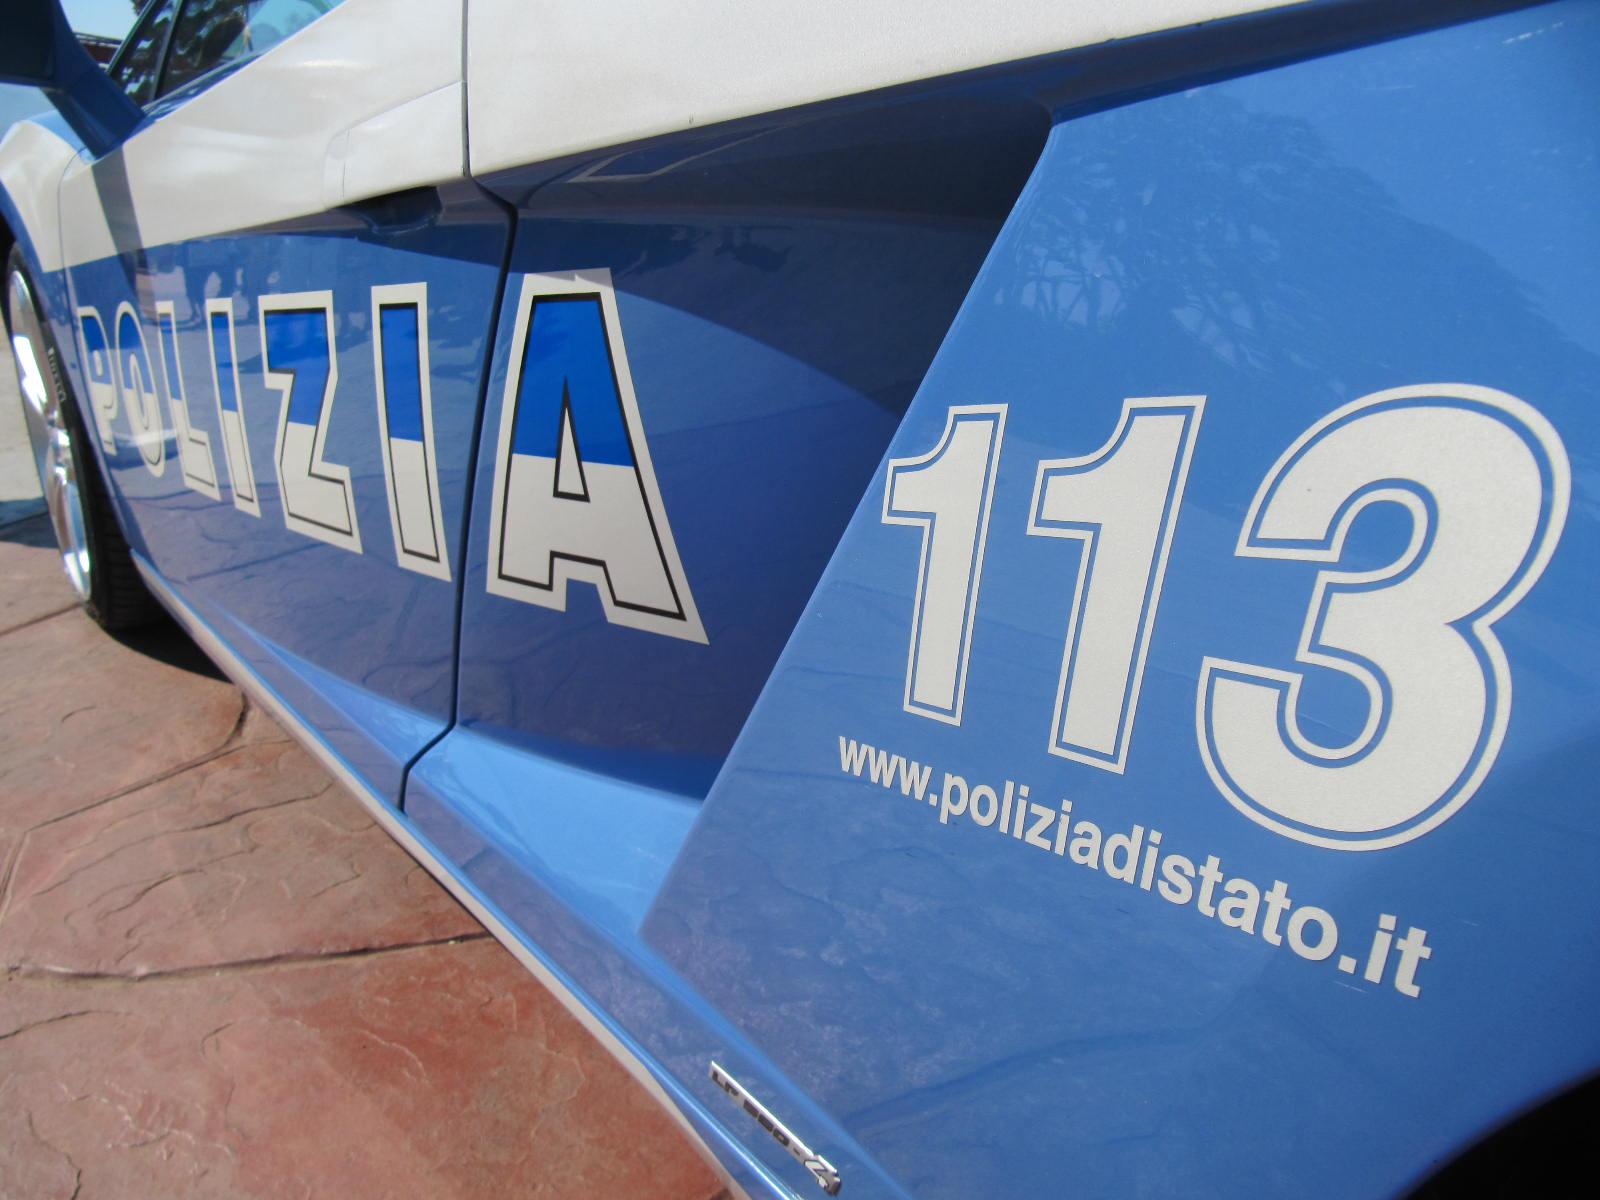 Concorso Polizia di stato 2016, requisiti e scadenza